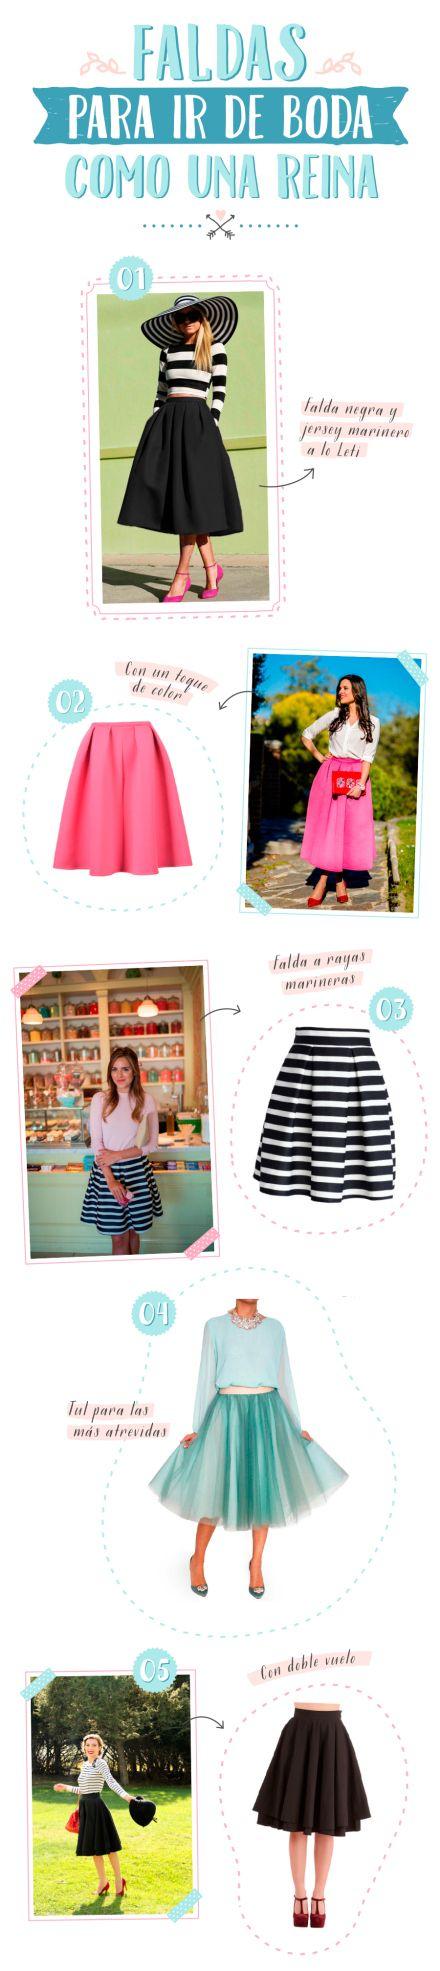 Faldas para ir de boda como una reina #style #skirts #muymolon